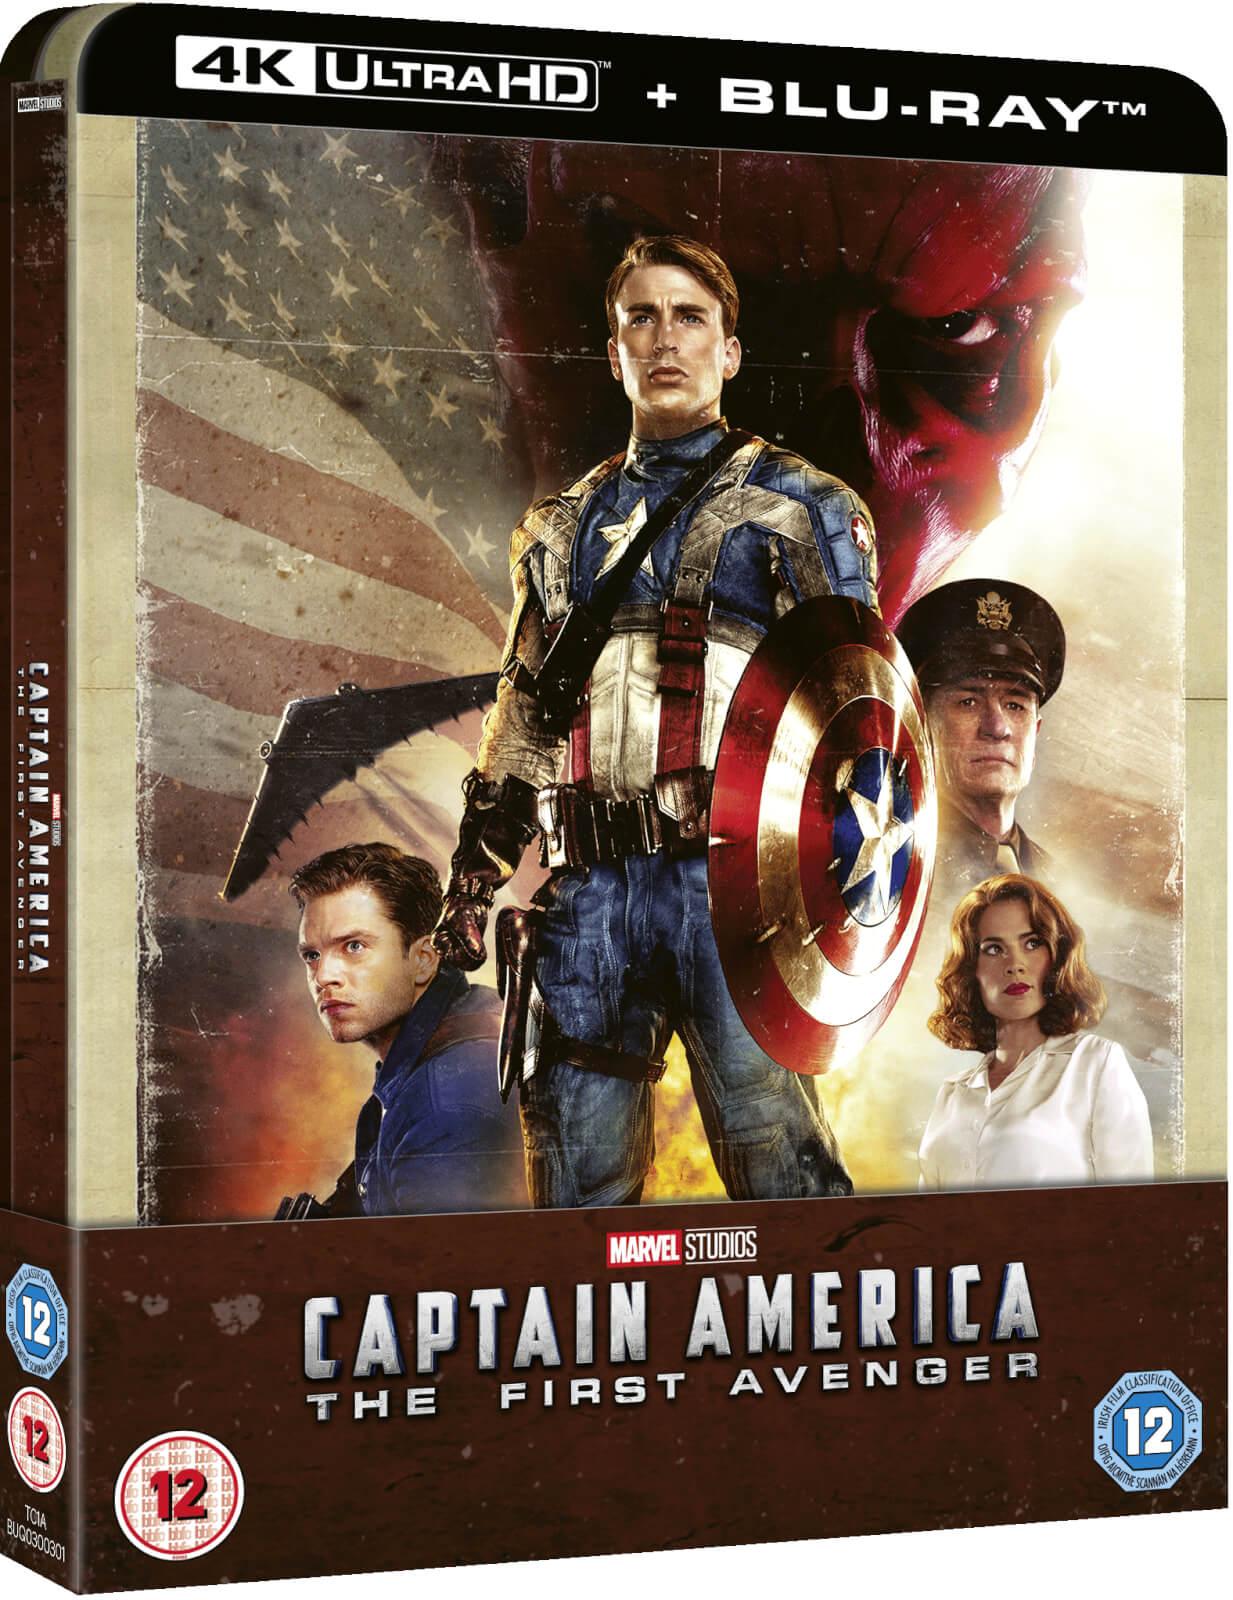 Captain America: The First Avenger 4K Ultra HD